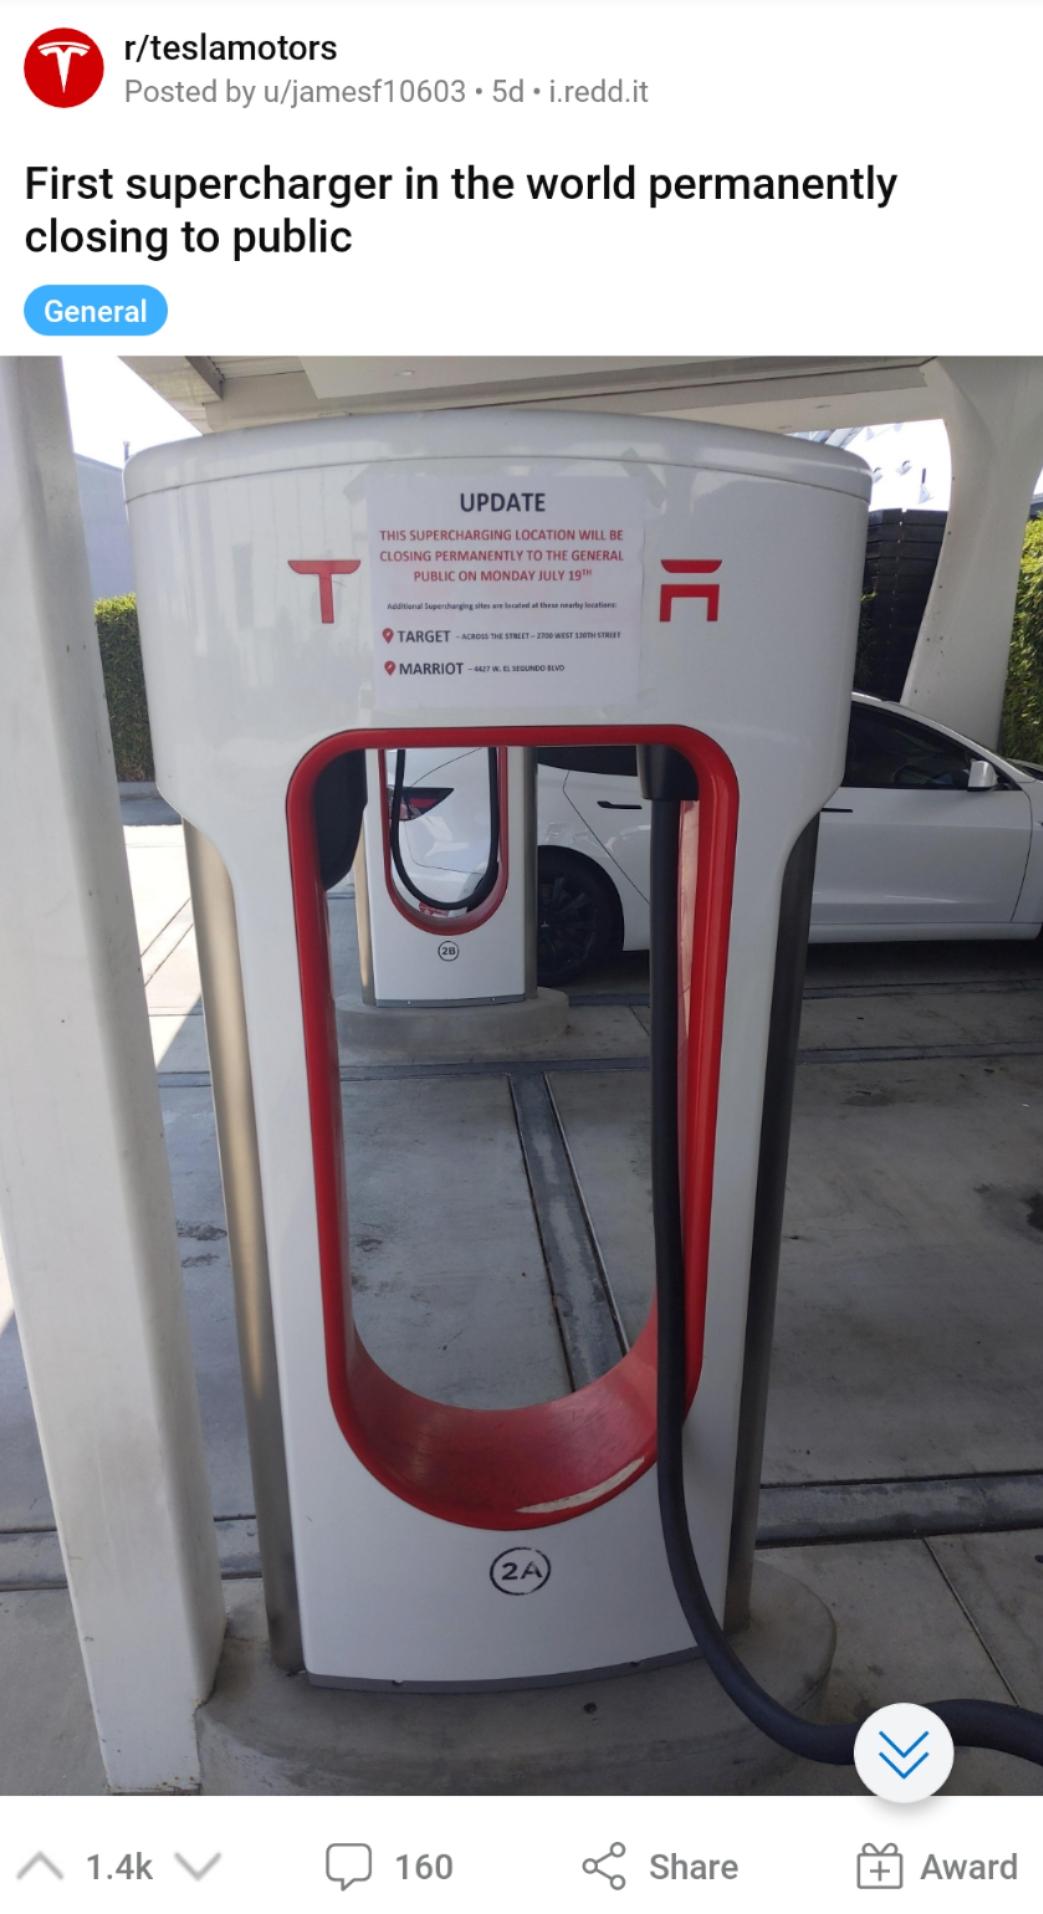 特斯拉第一个超级充电站宣布对公众关闭 未公布具体原因